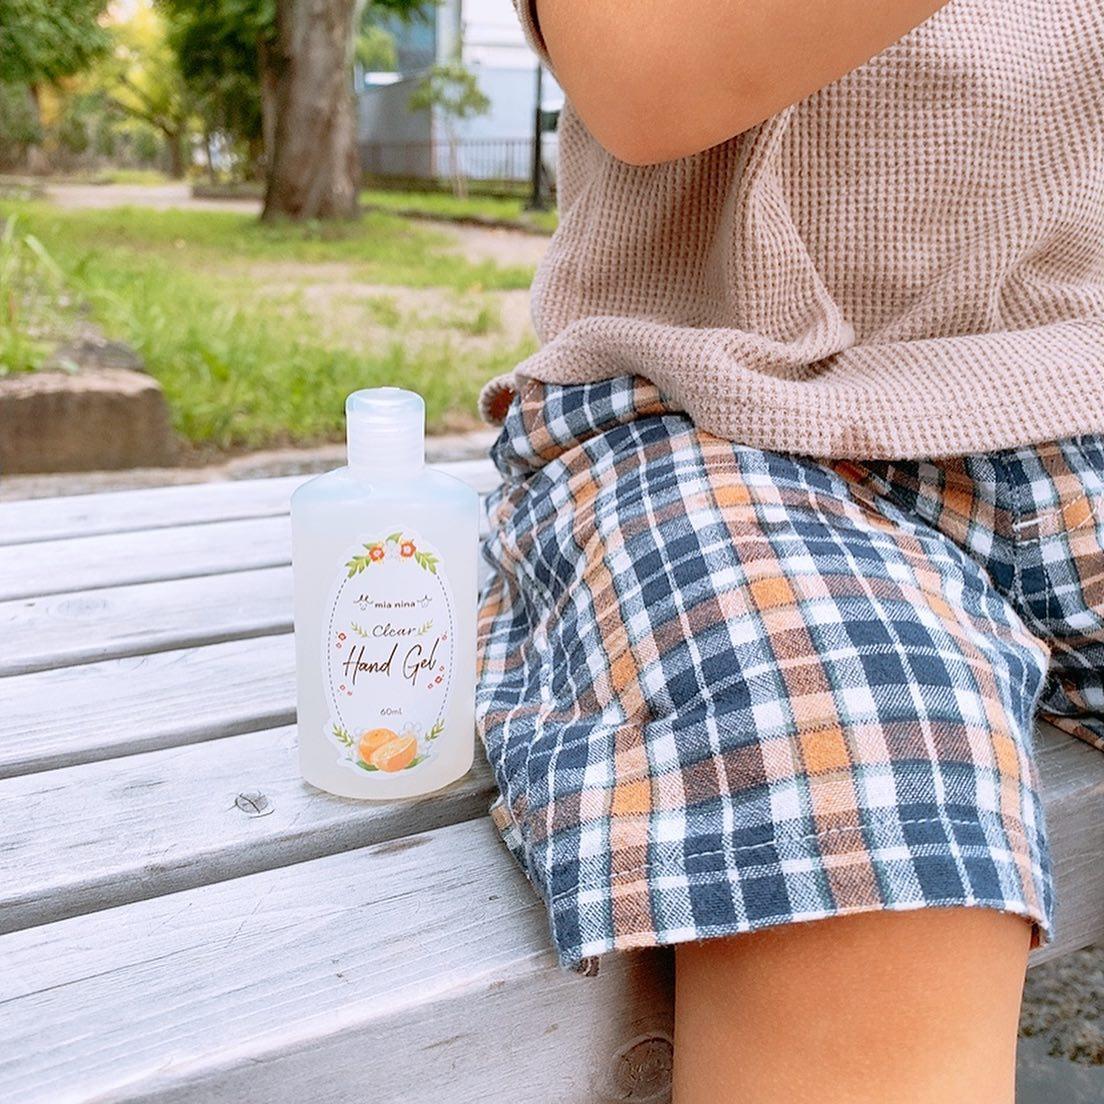 口コミ投稿:@mianina.jp 様のクリアハンドジェルをお試しさせて頂きました🌿.コンパクトで荷物が…